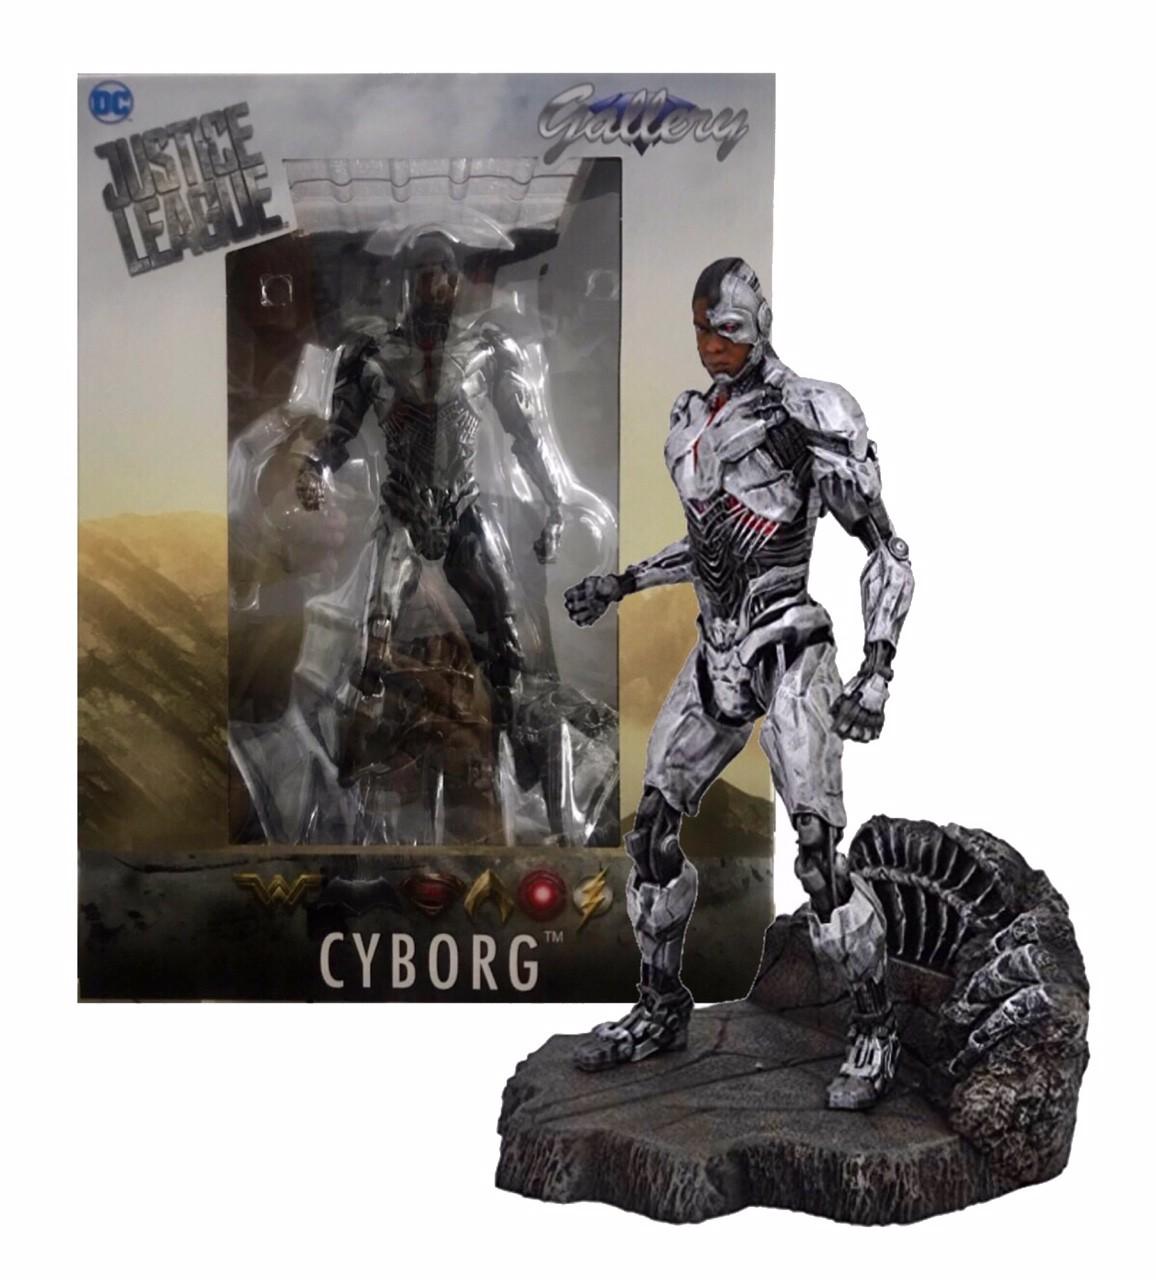 Justice League Movie Figure Cyborg Gallery Statue Diamond Select 22 Cm